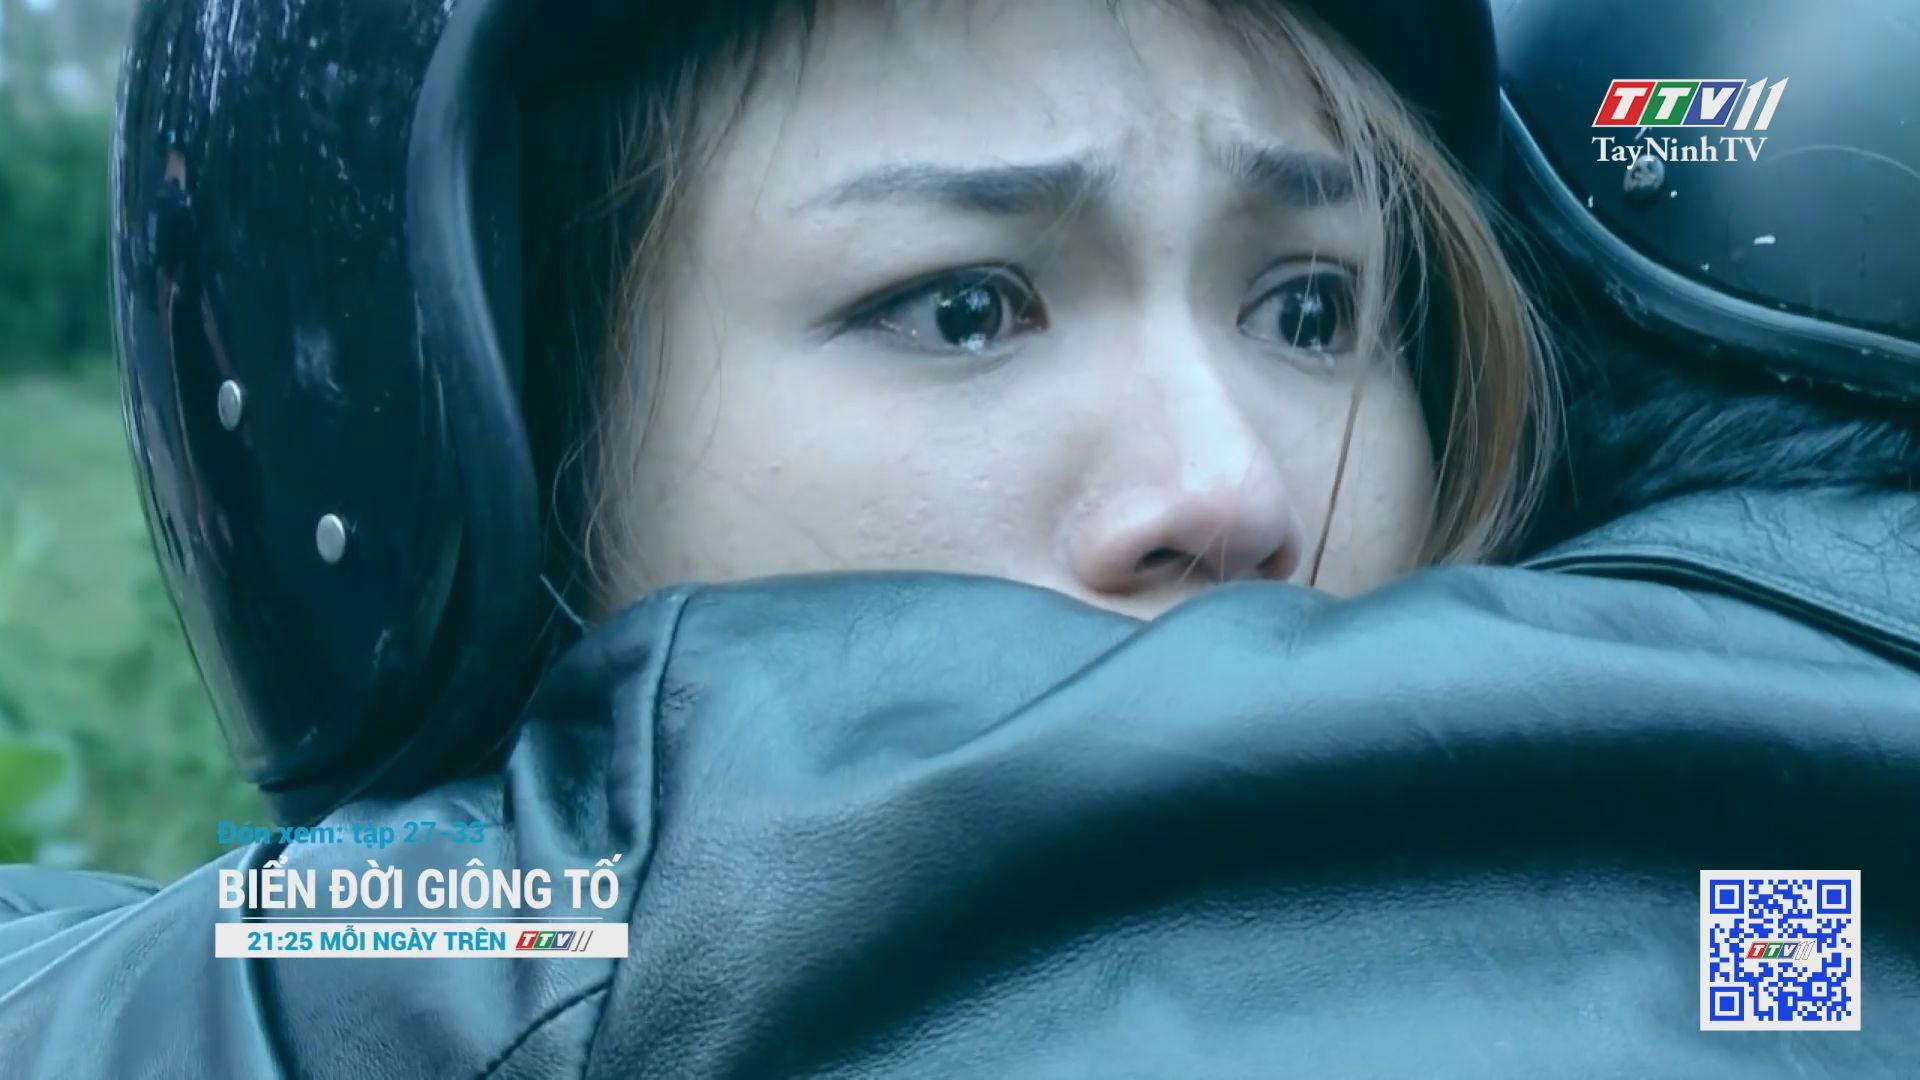 Phim BIỂN ĐỜI GIÔNG TỐ - Trailer Tập 27-33 | GIỚI THIỆU PHIM | TayNinhTV